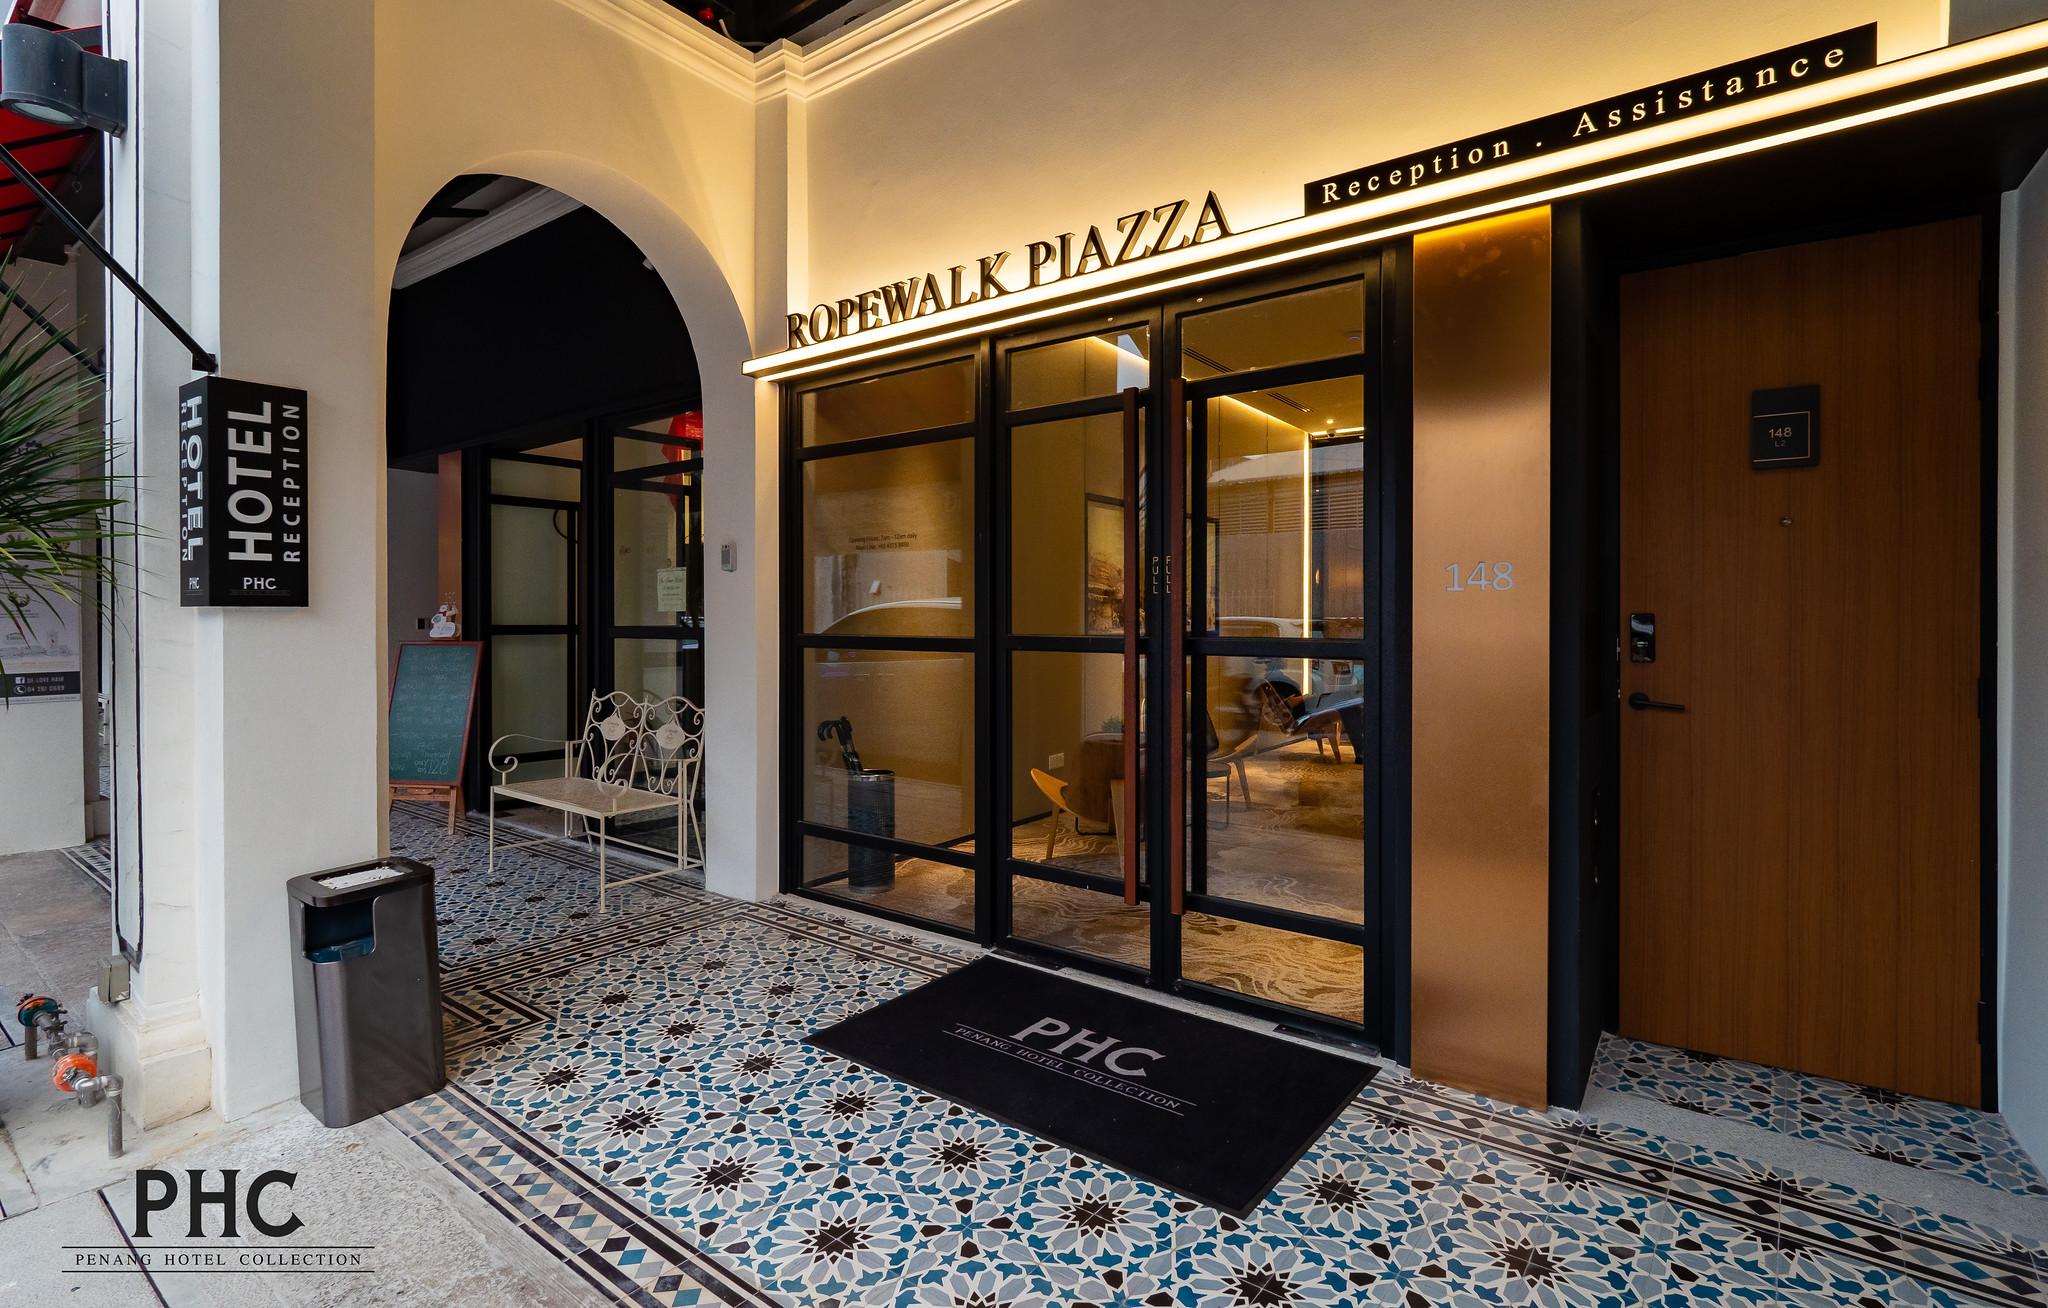 Ropewalk Piazza Hotel Lobby Side